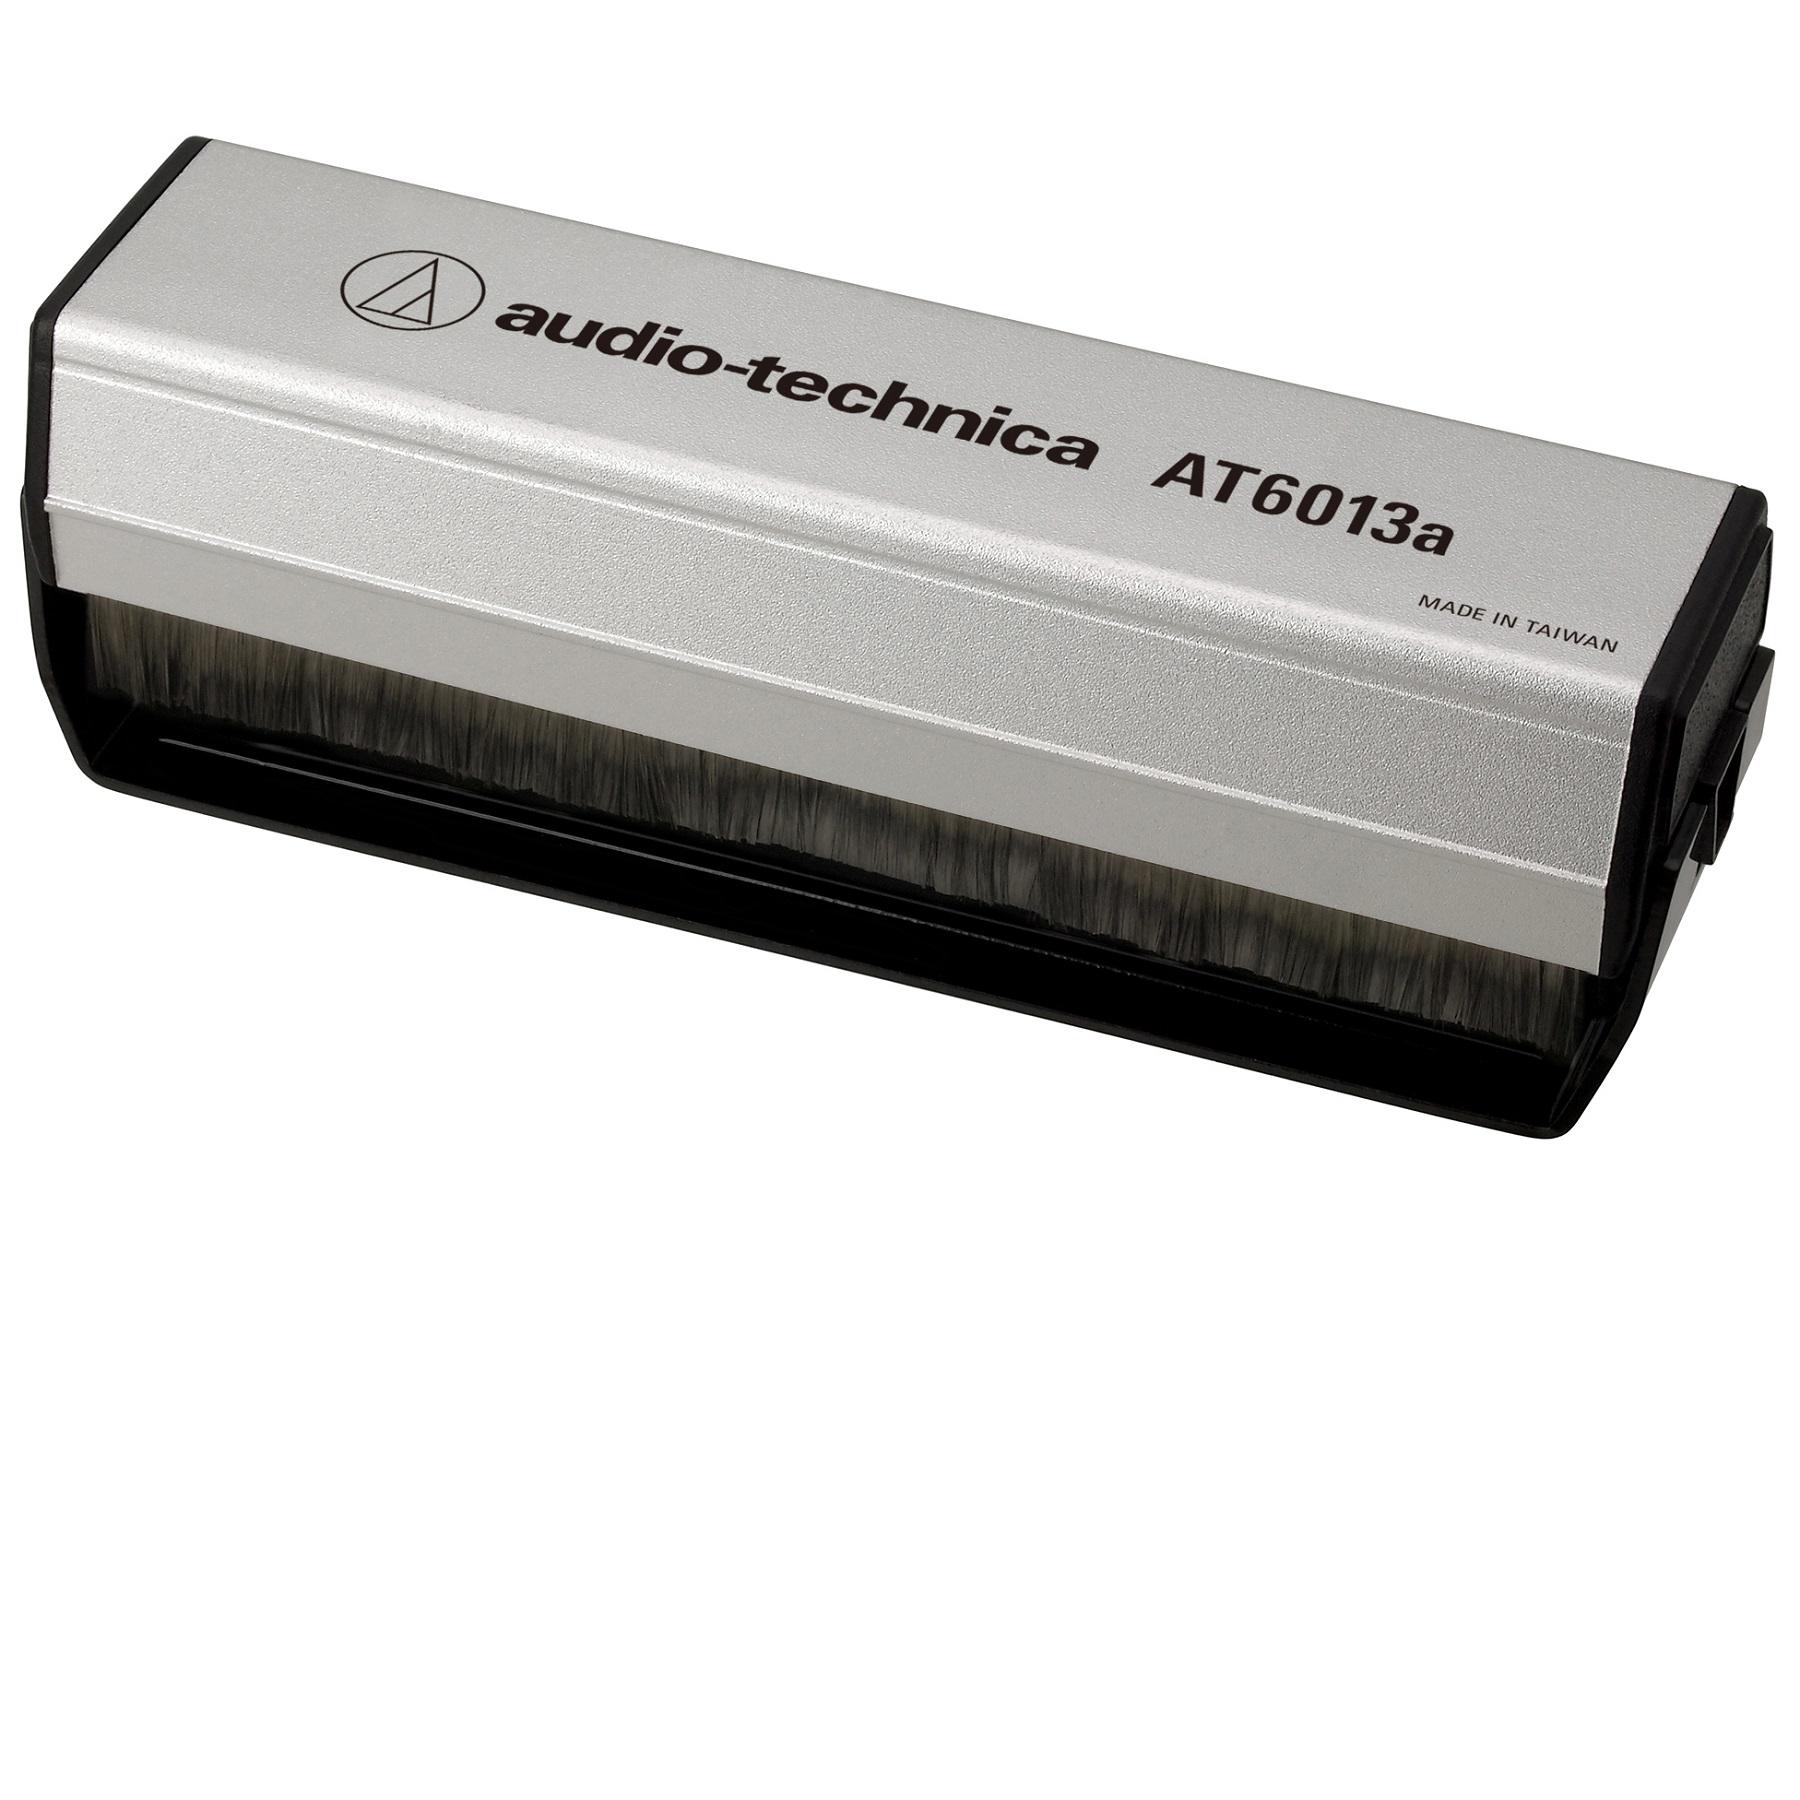 Антистатическая щётка Audio Technica AT6013a